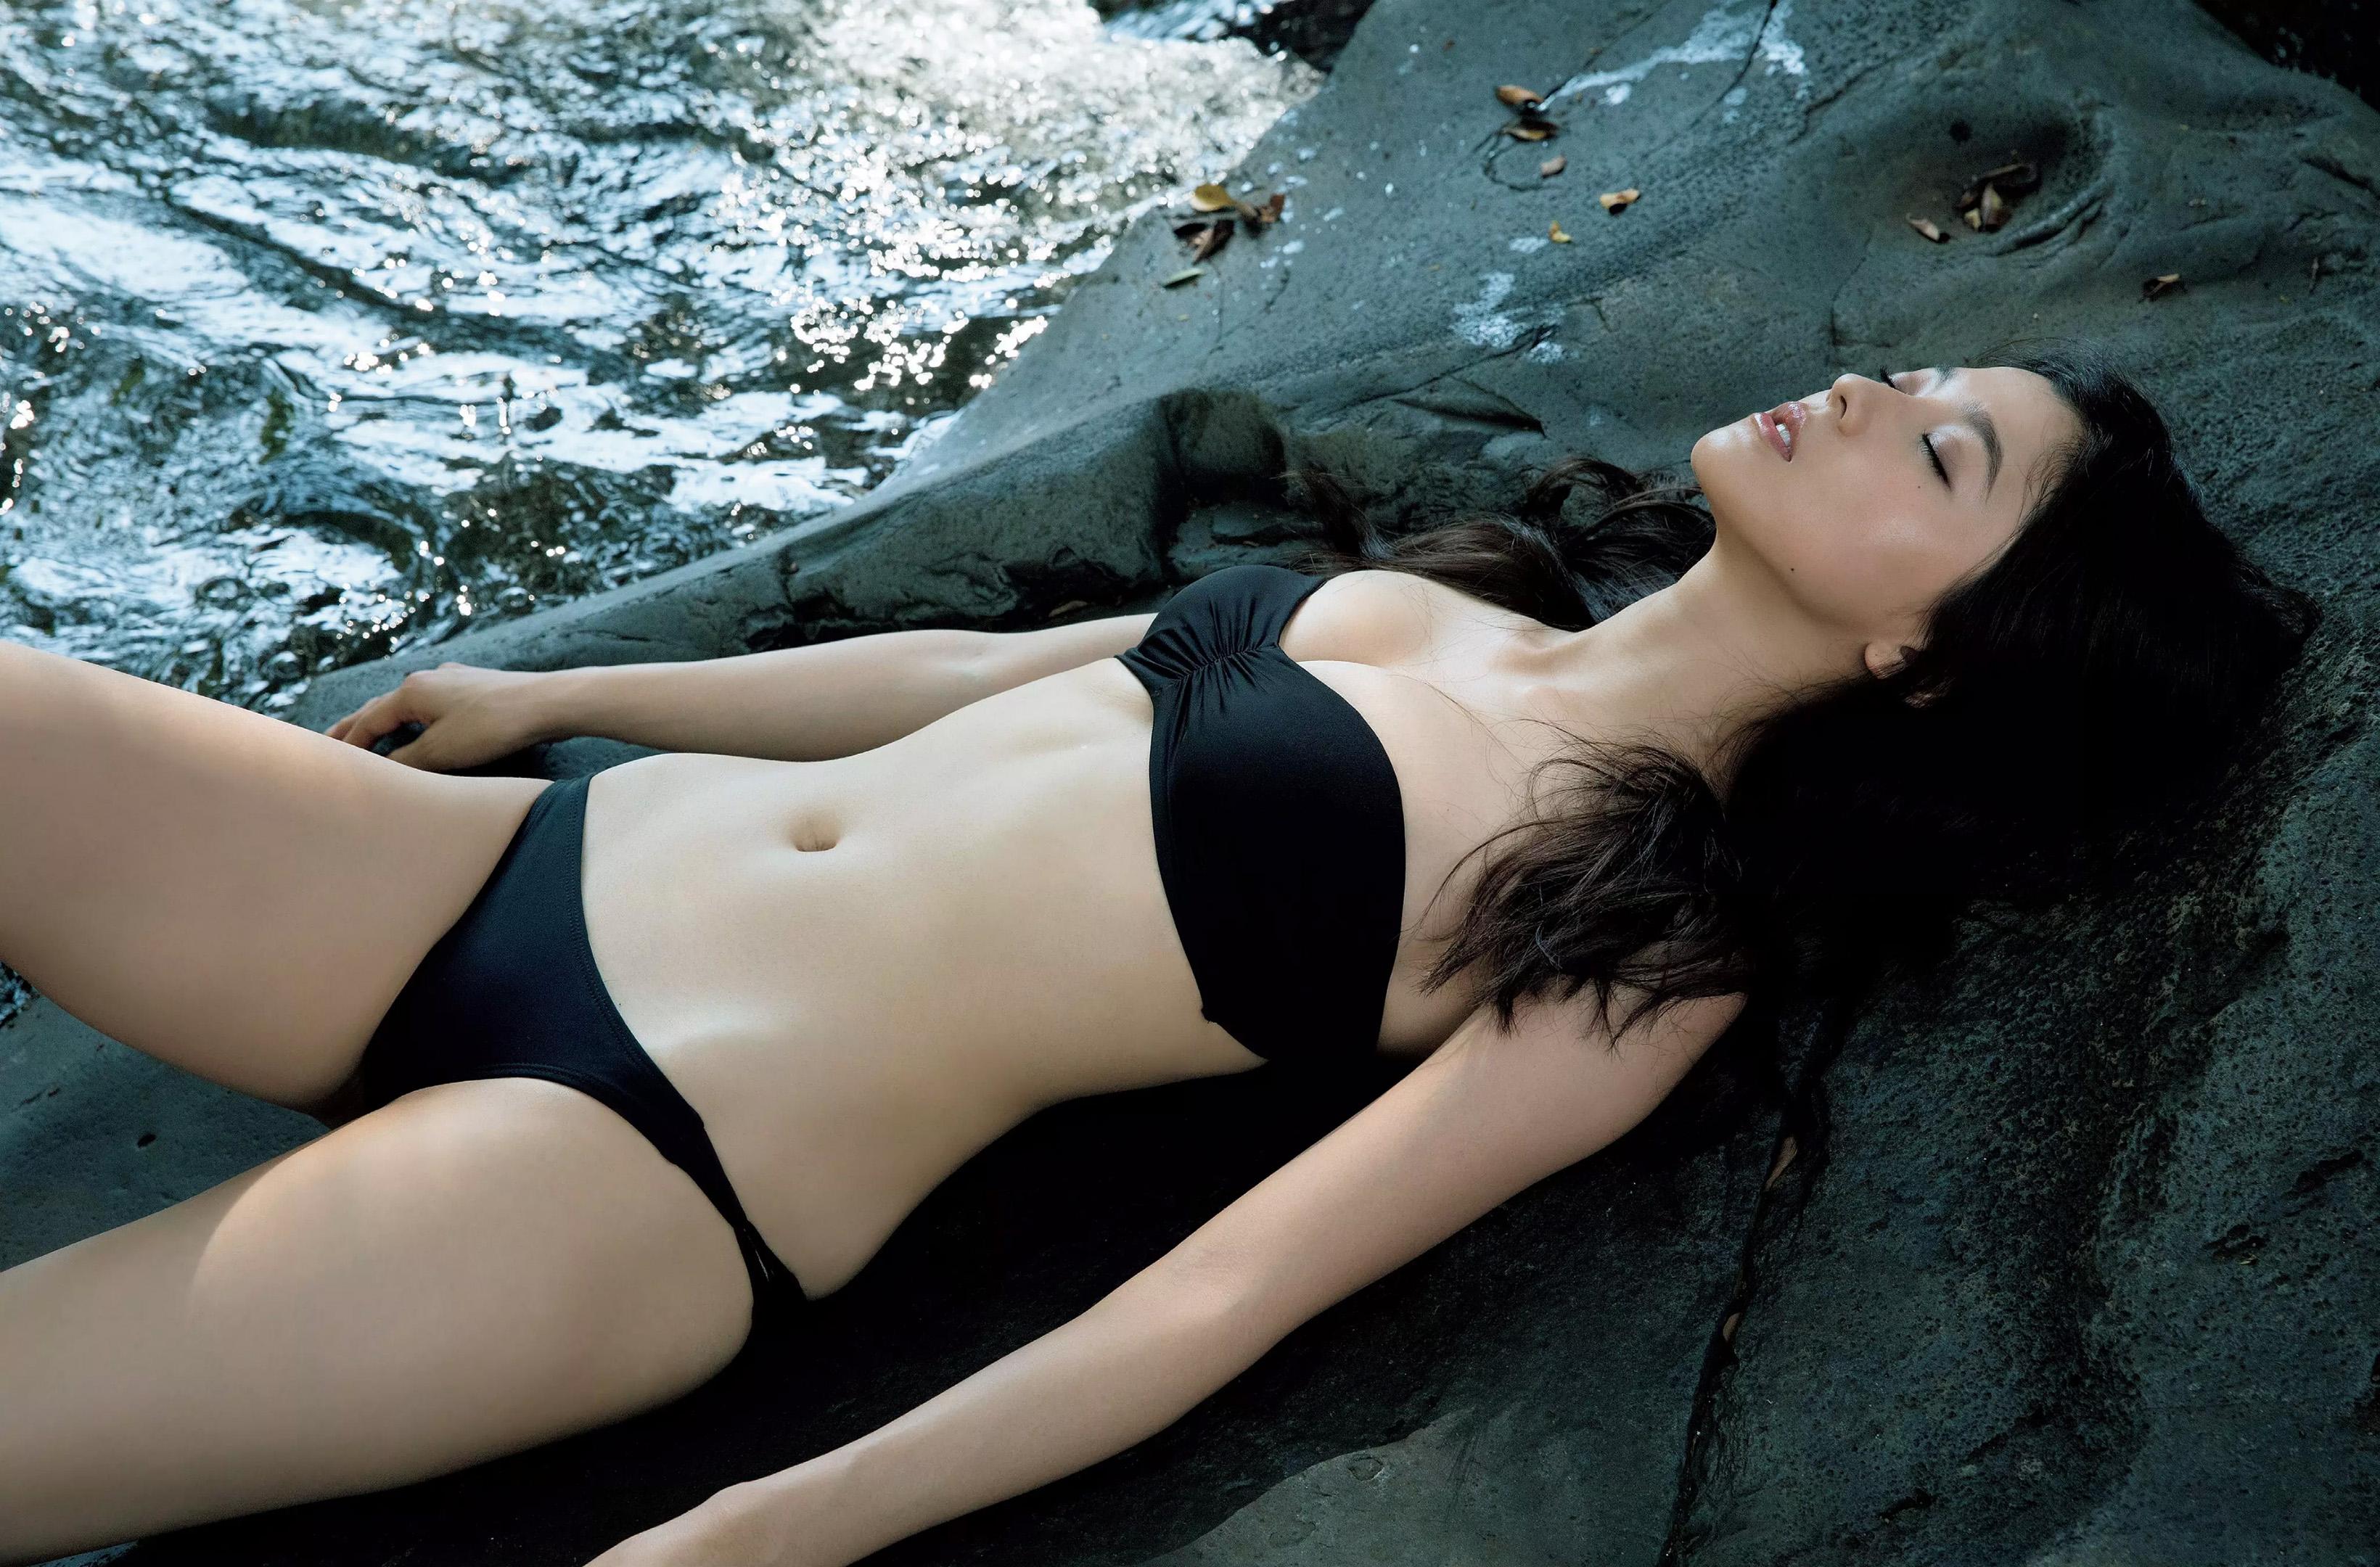 朝比奈彩(24)の写真集の水着グラビアが抜けるエロ画像160枚・28枚目の画像